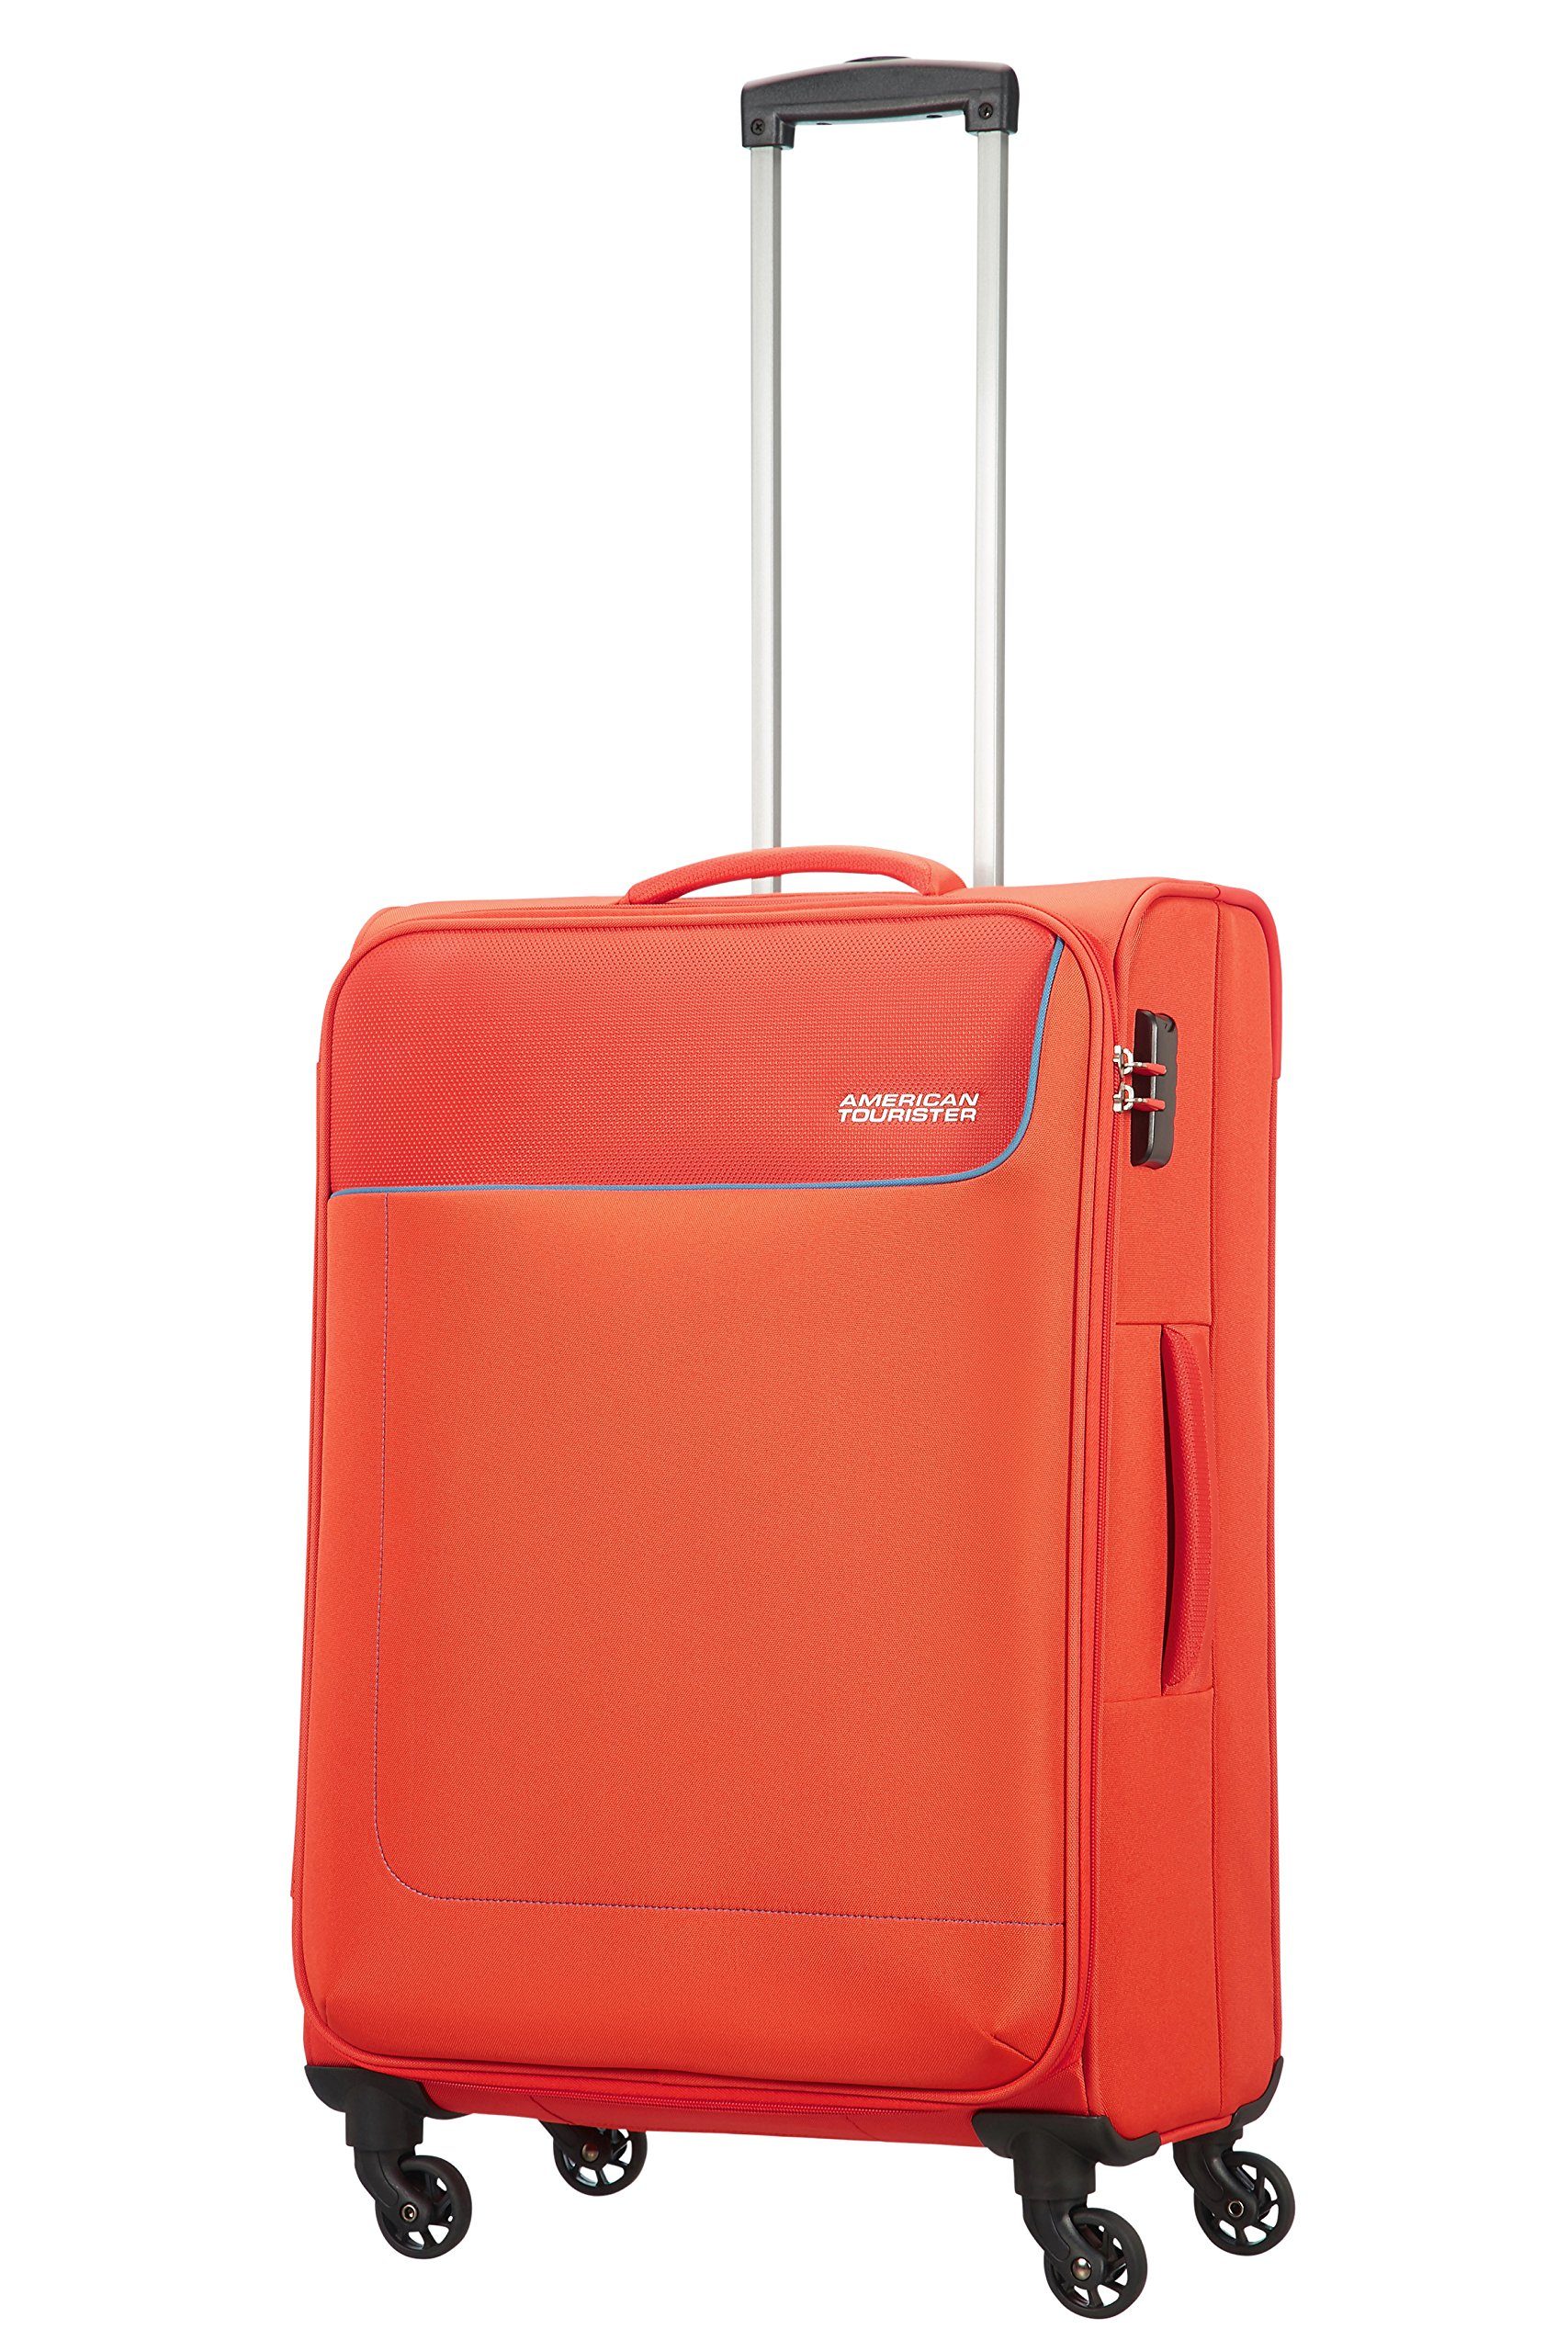 American-Tourister-Funshine-Spinner-6624-Koffer-M-66cm-635L